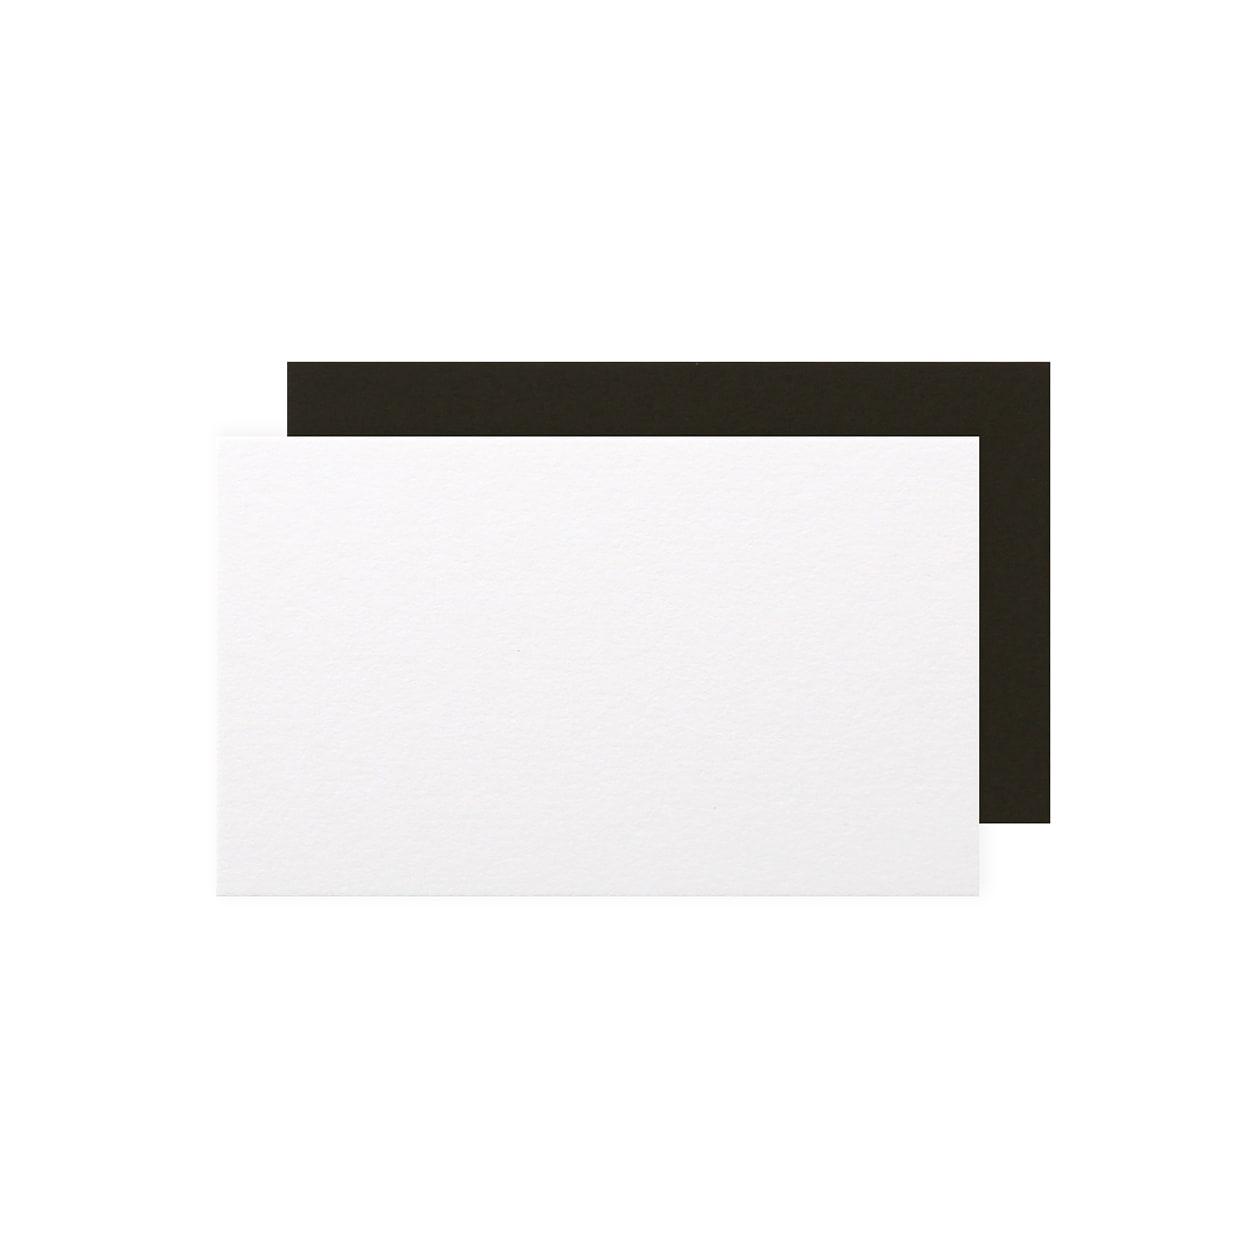 ネームカード 二層合紙 スノーホワイト×ブラック 812.8g